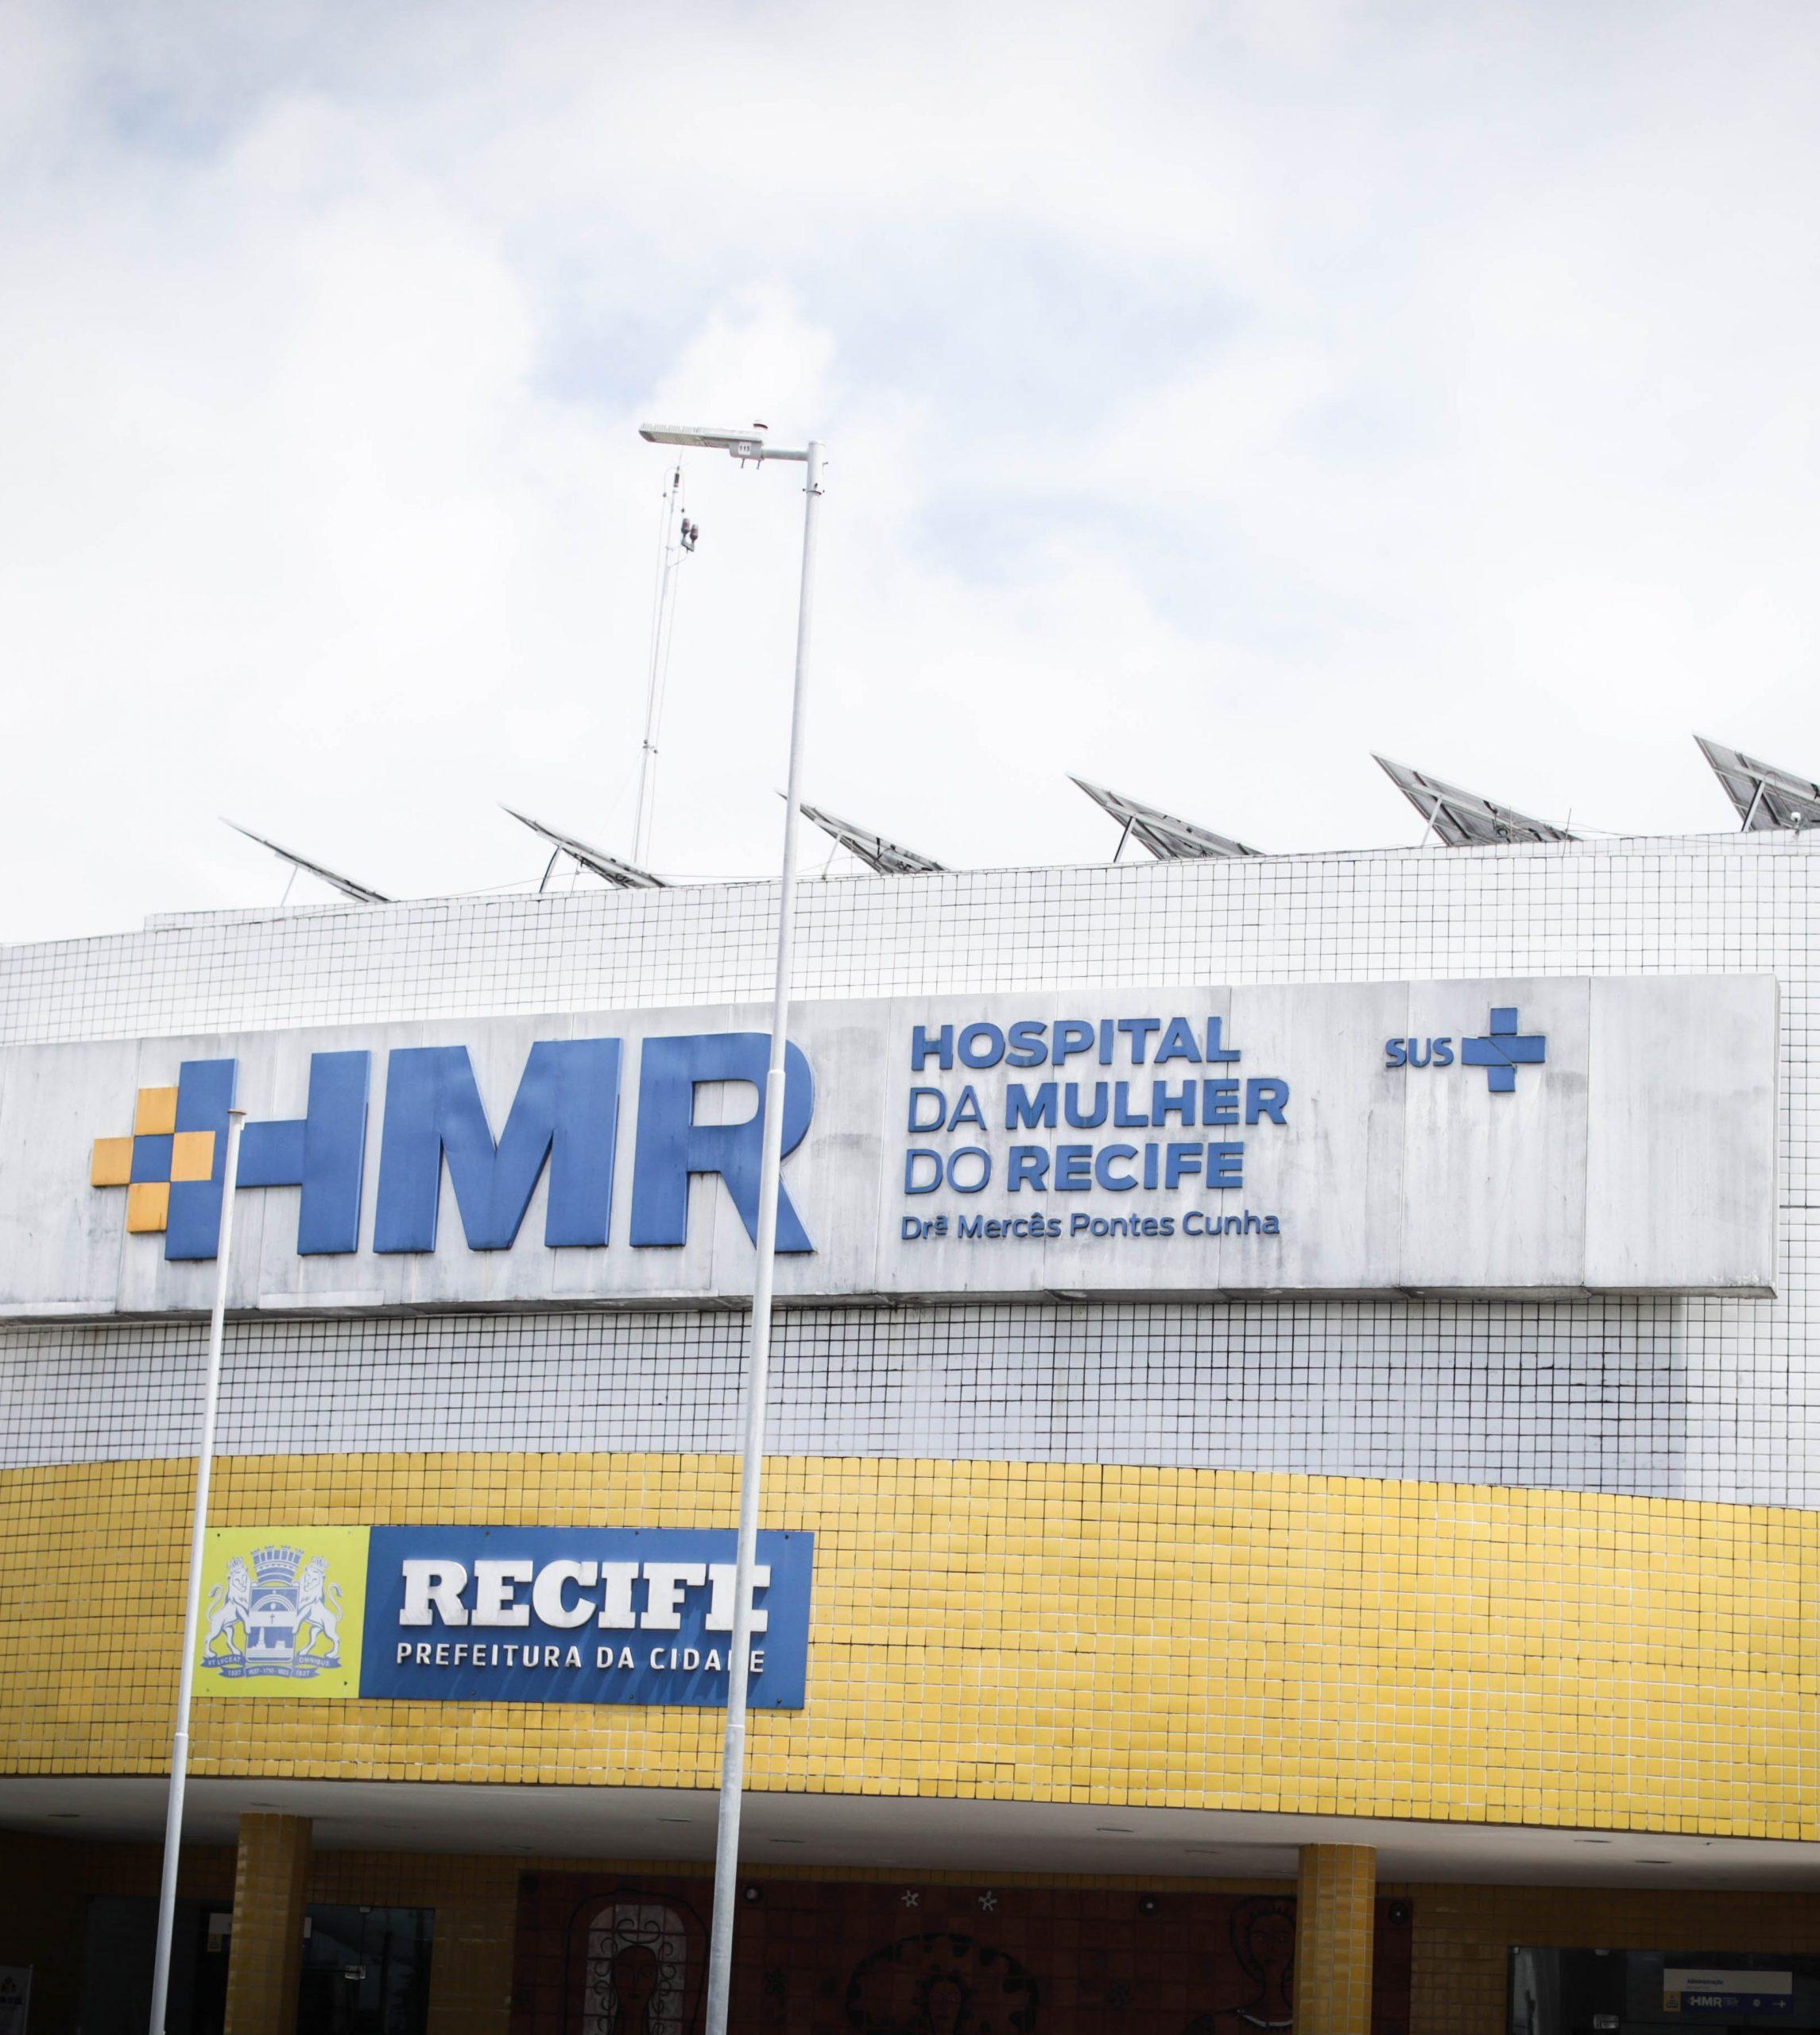 Recife inaugura usina solar no Hospital da Mulher e avança na agenda climática